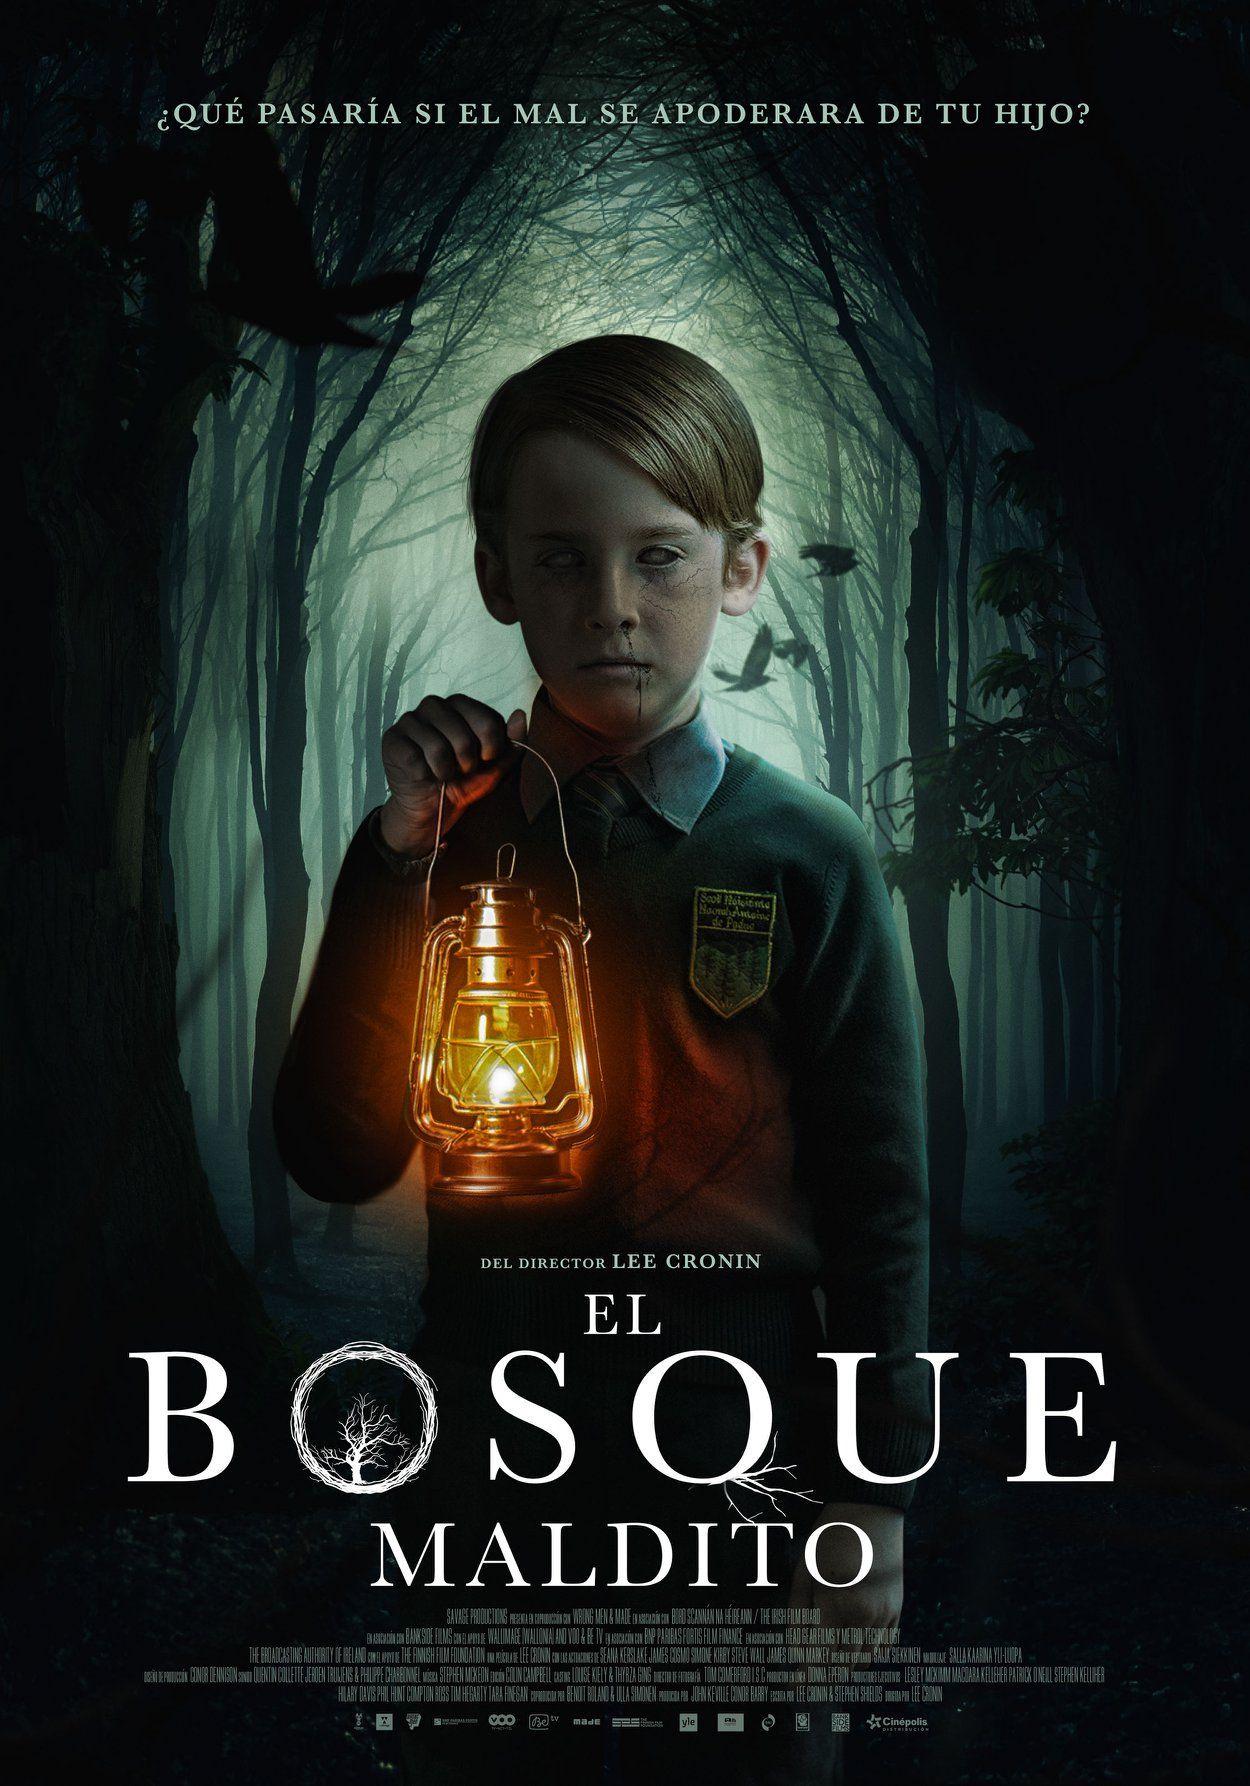 El Bosque Maldito Trailer Oficial